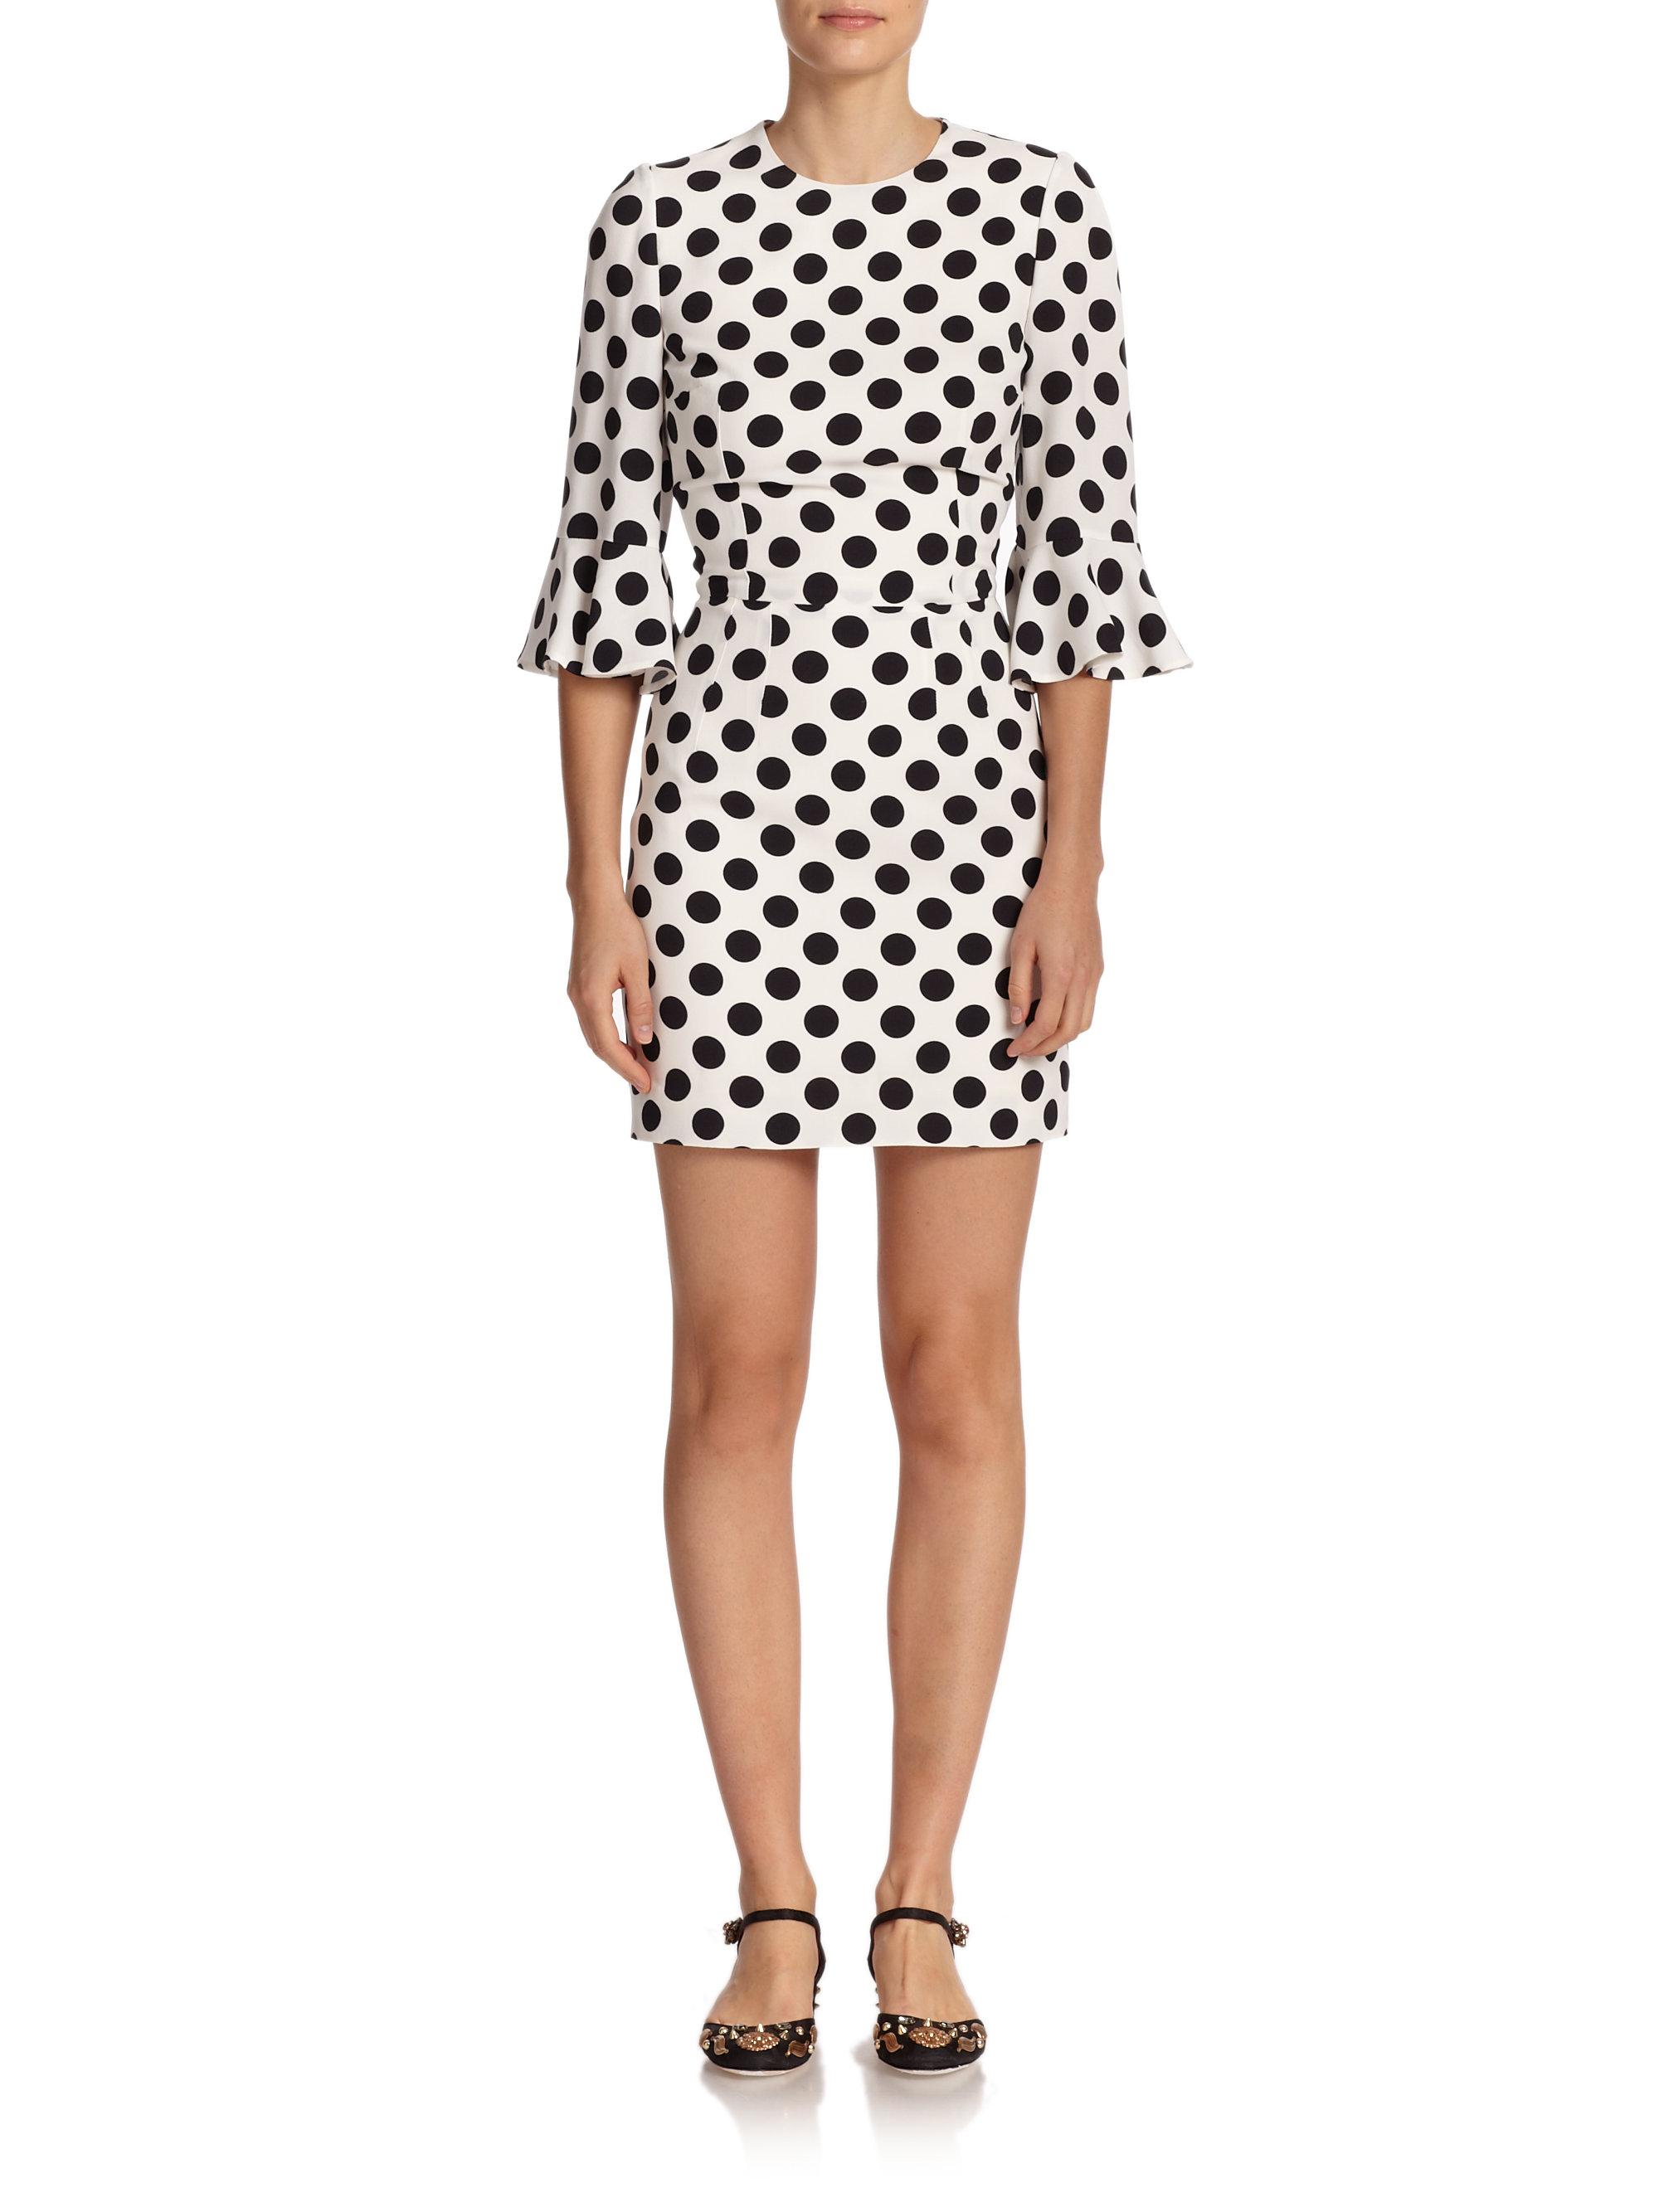 Lyst - Dolce   Gabbana Polka-Dot Dress in Black da2419e8eeee5